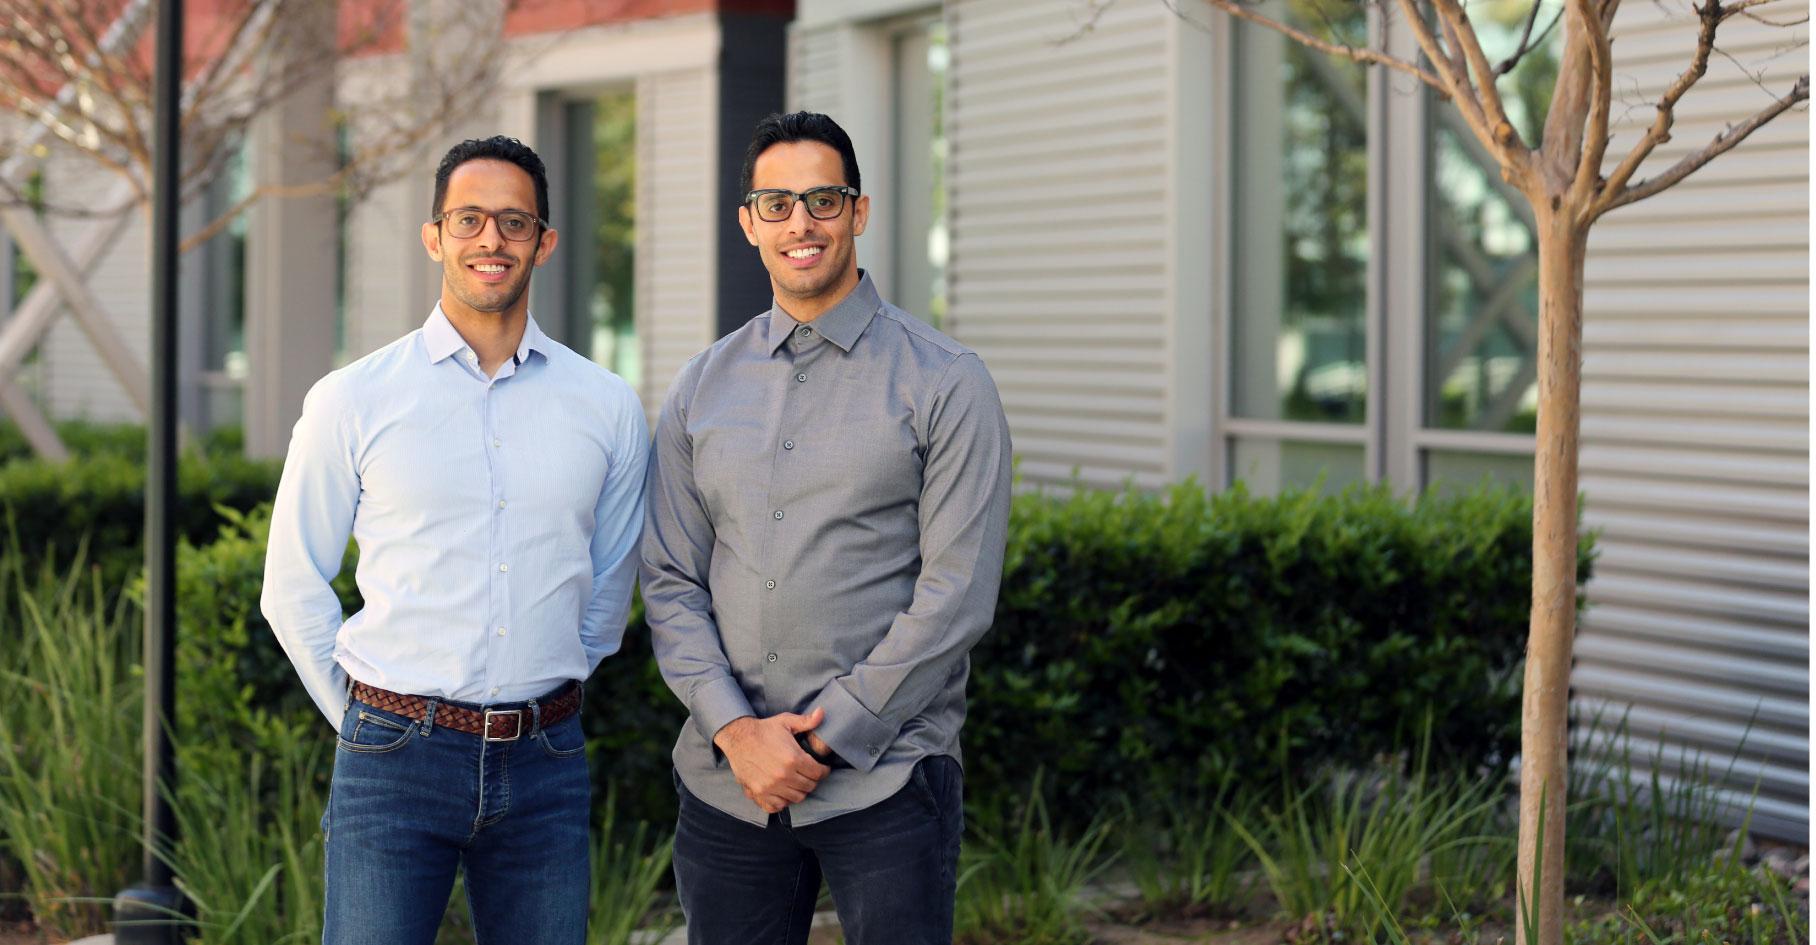 Fahad and Faisal Alnemary